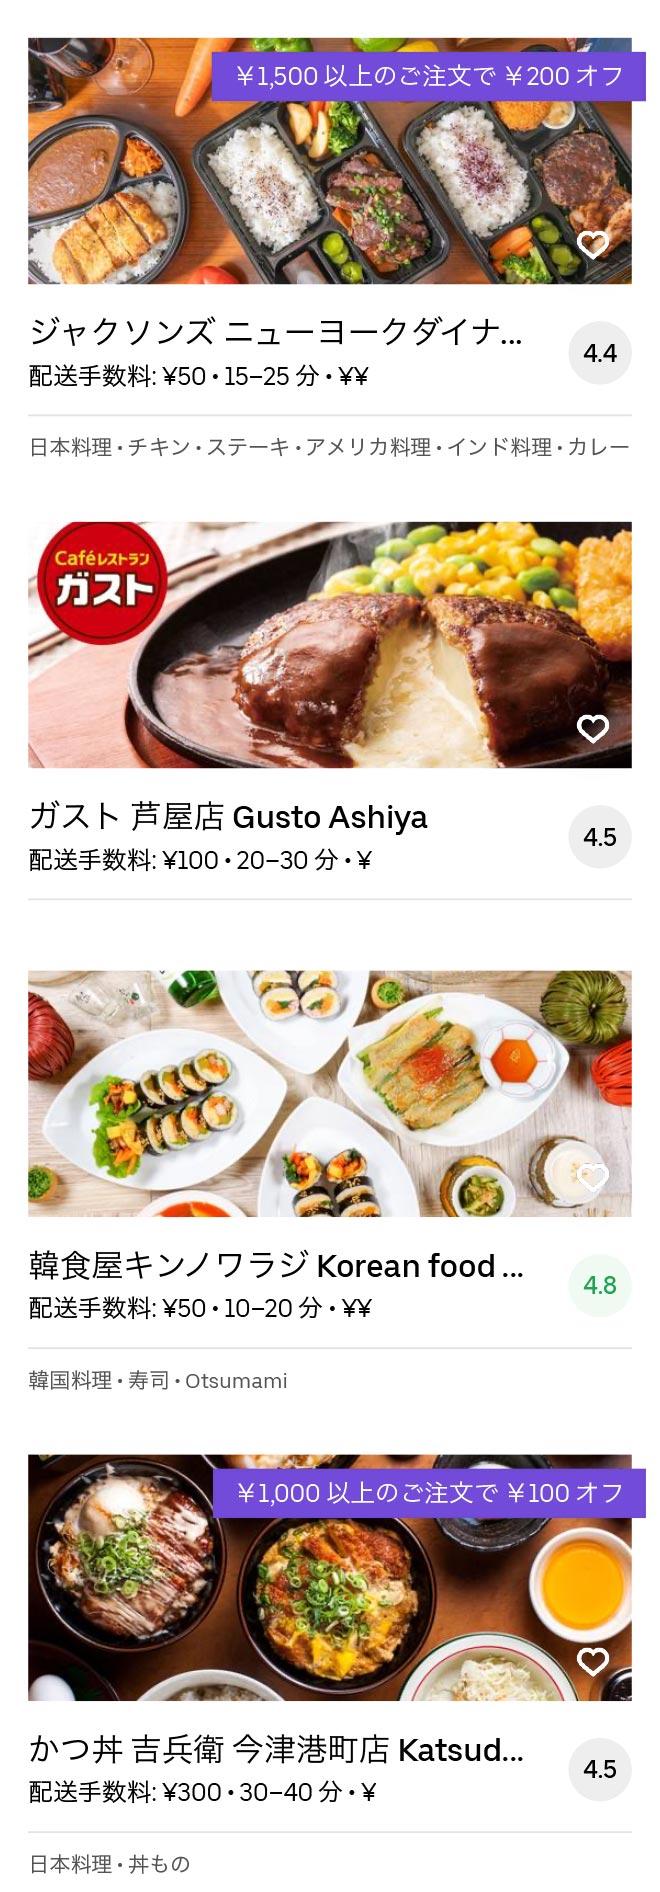 Hyogo ashiya menu 2005 03